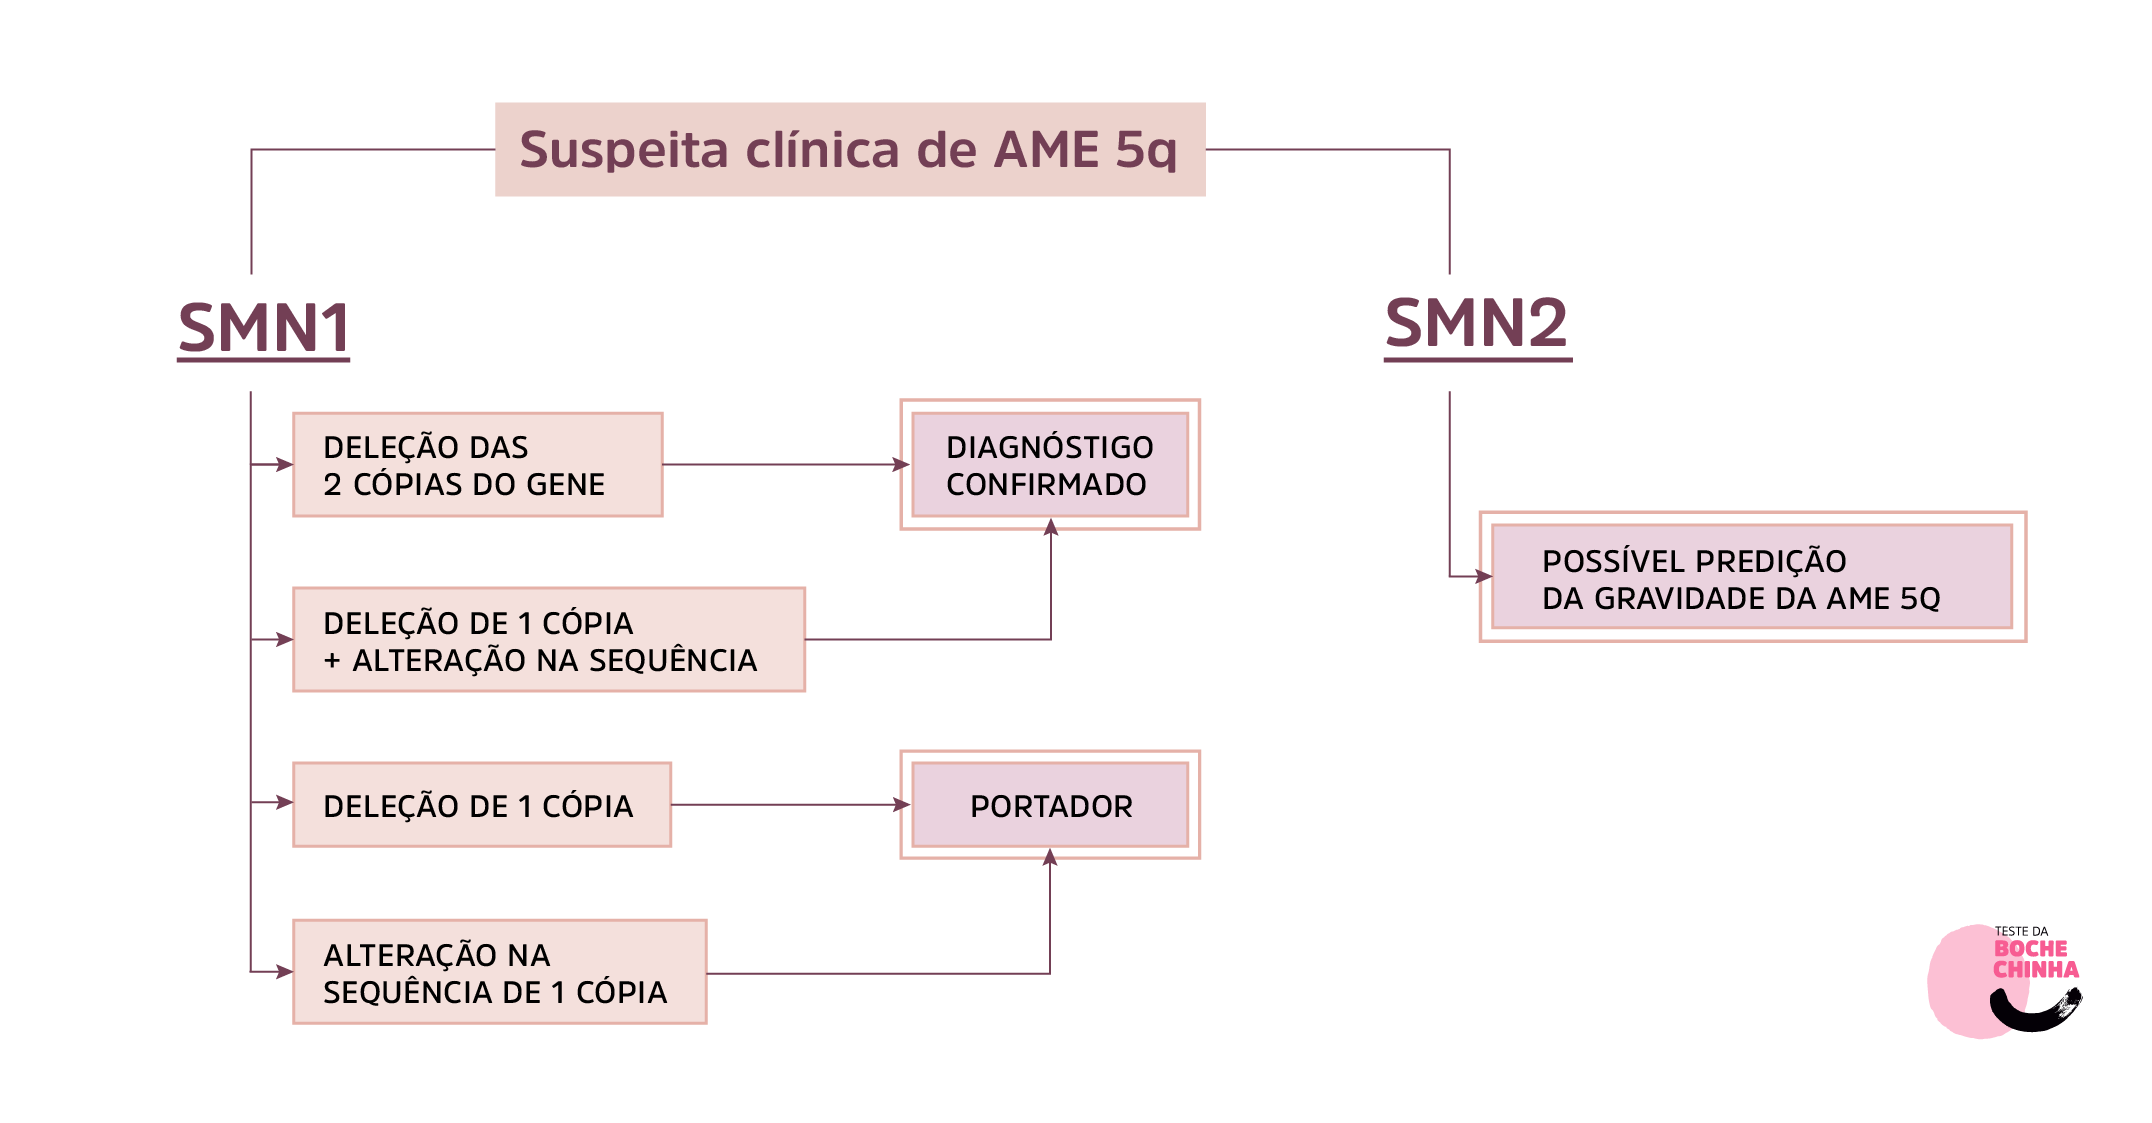 Figura 5. Diagnóstico genético de pacientes com suspeita clínica de AME 5q.